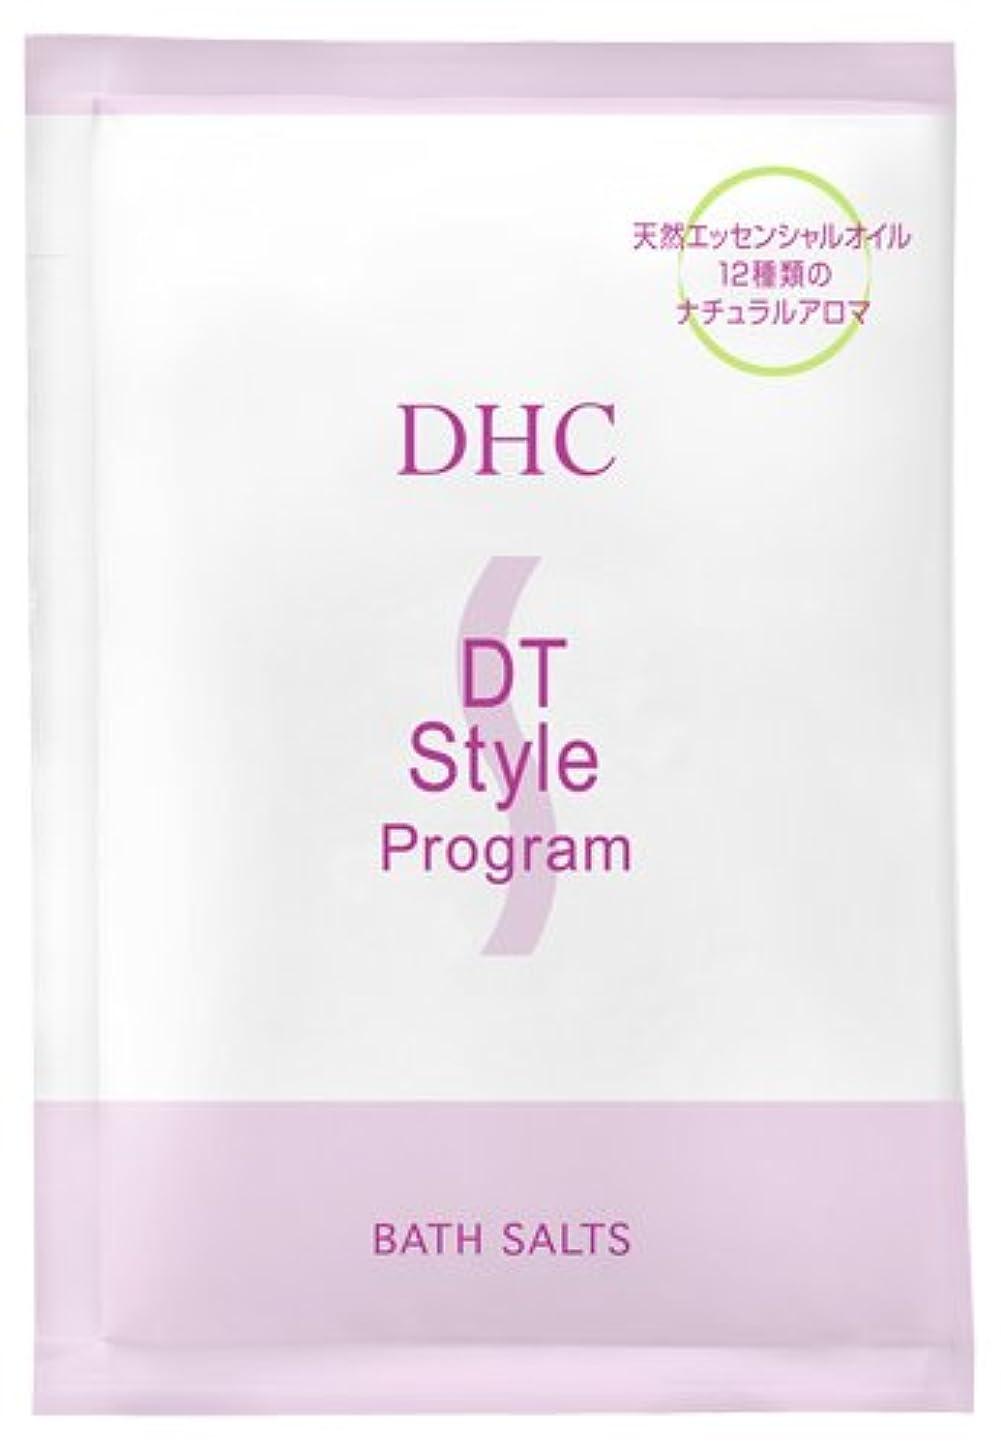 端ノベルティフィードDHC DSバス&ソルト(浴用化粧料)